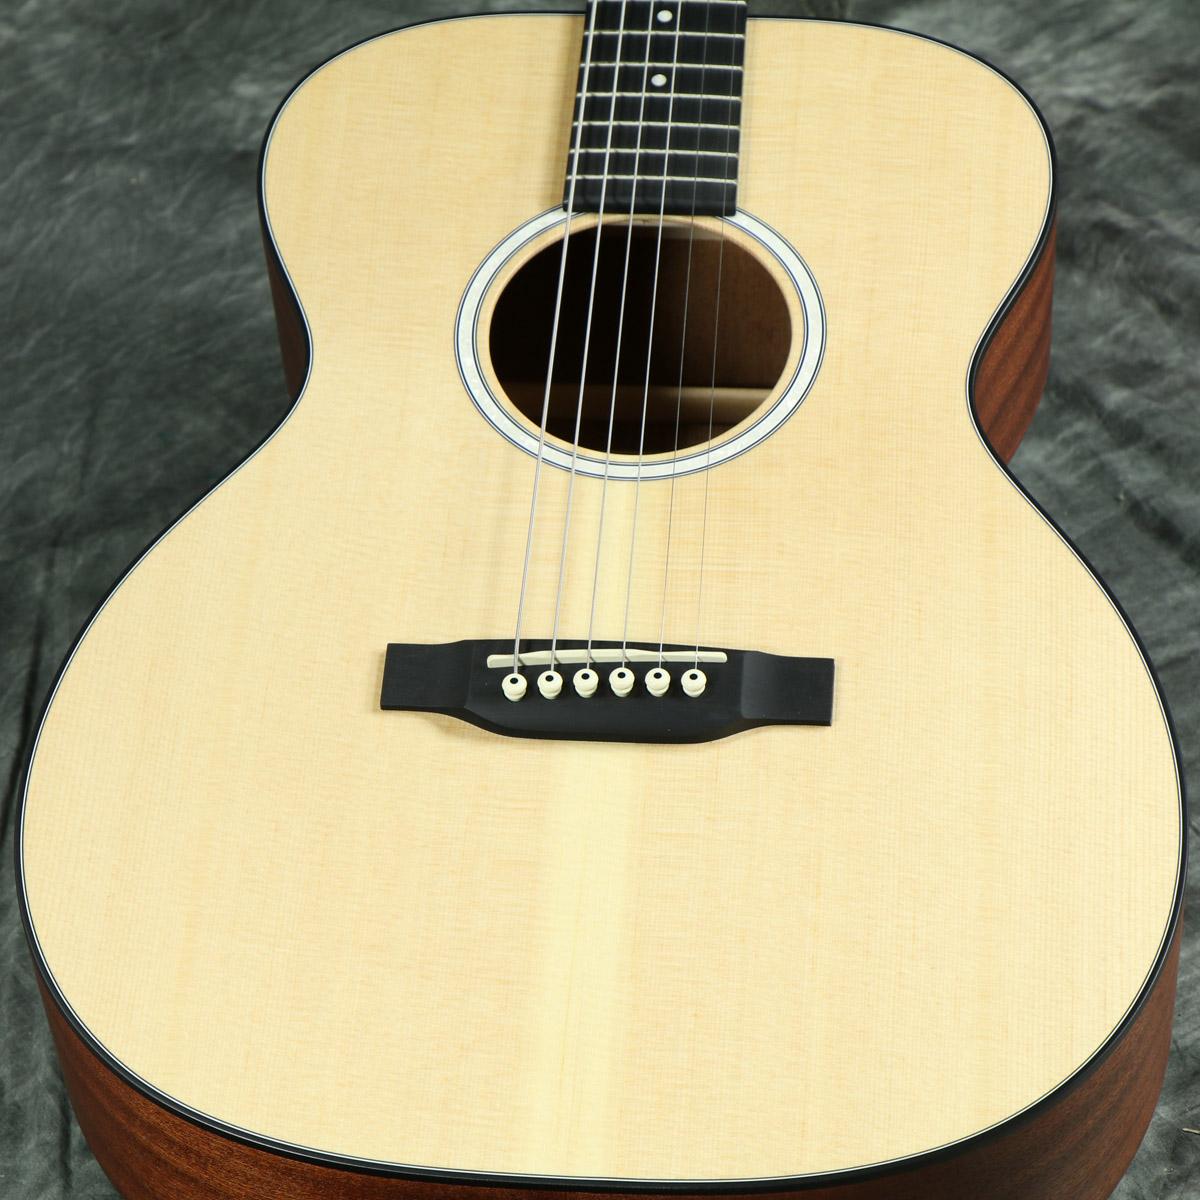 OOO(トリプルオー)をさらにサイズダウンさせたジュニア! 【タイムセール:30日12時まで】【在庫有り】 Martin / 000Jr-10 《特典つき!/80-set11229》 マーティン マーチン アコースティックギター フォークギター アコギ OOO Junior